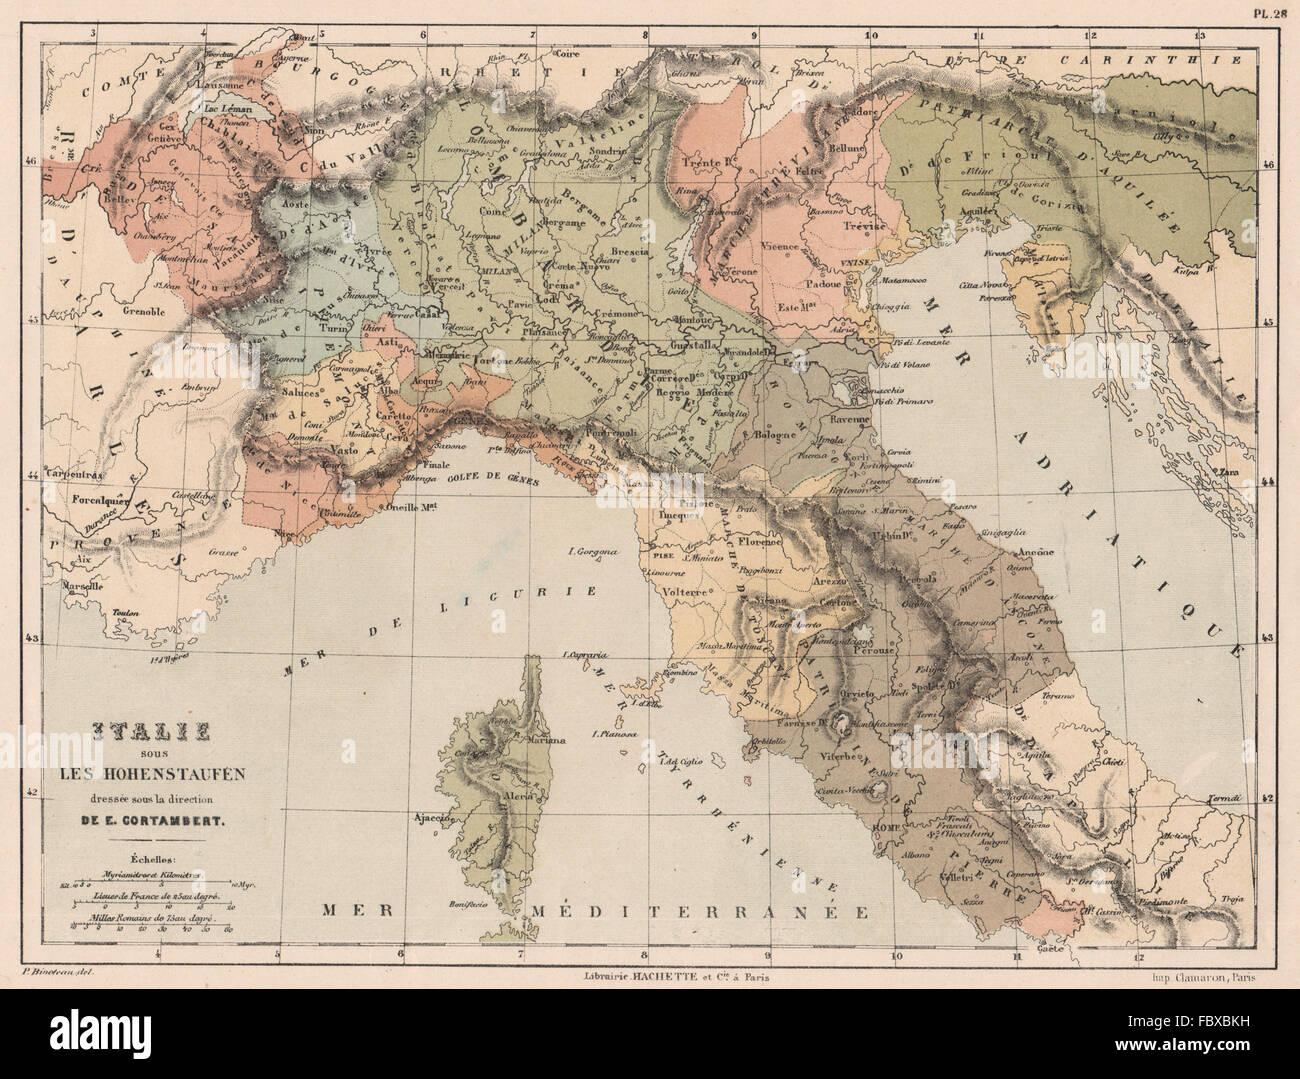 Norditalien Karte.Staufer Italien Norditalien 12 Jahrhundert Swabia Cortambert